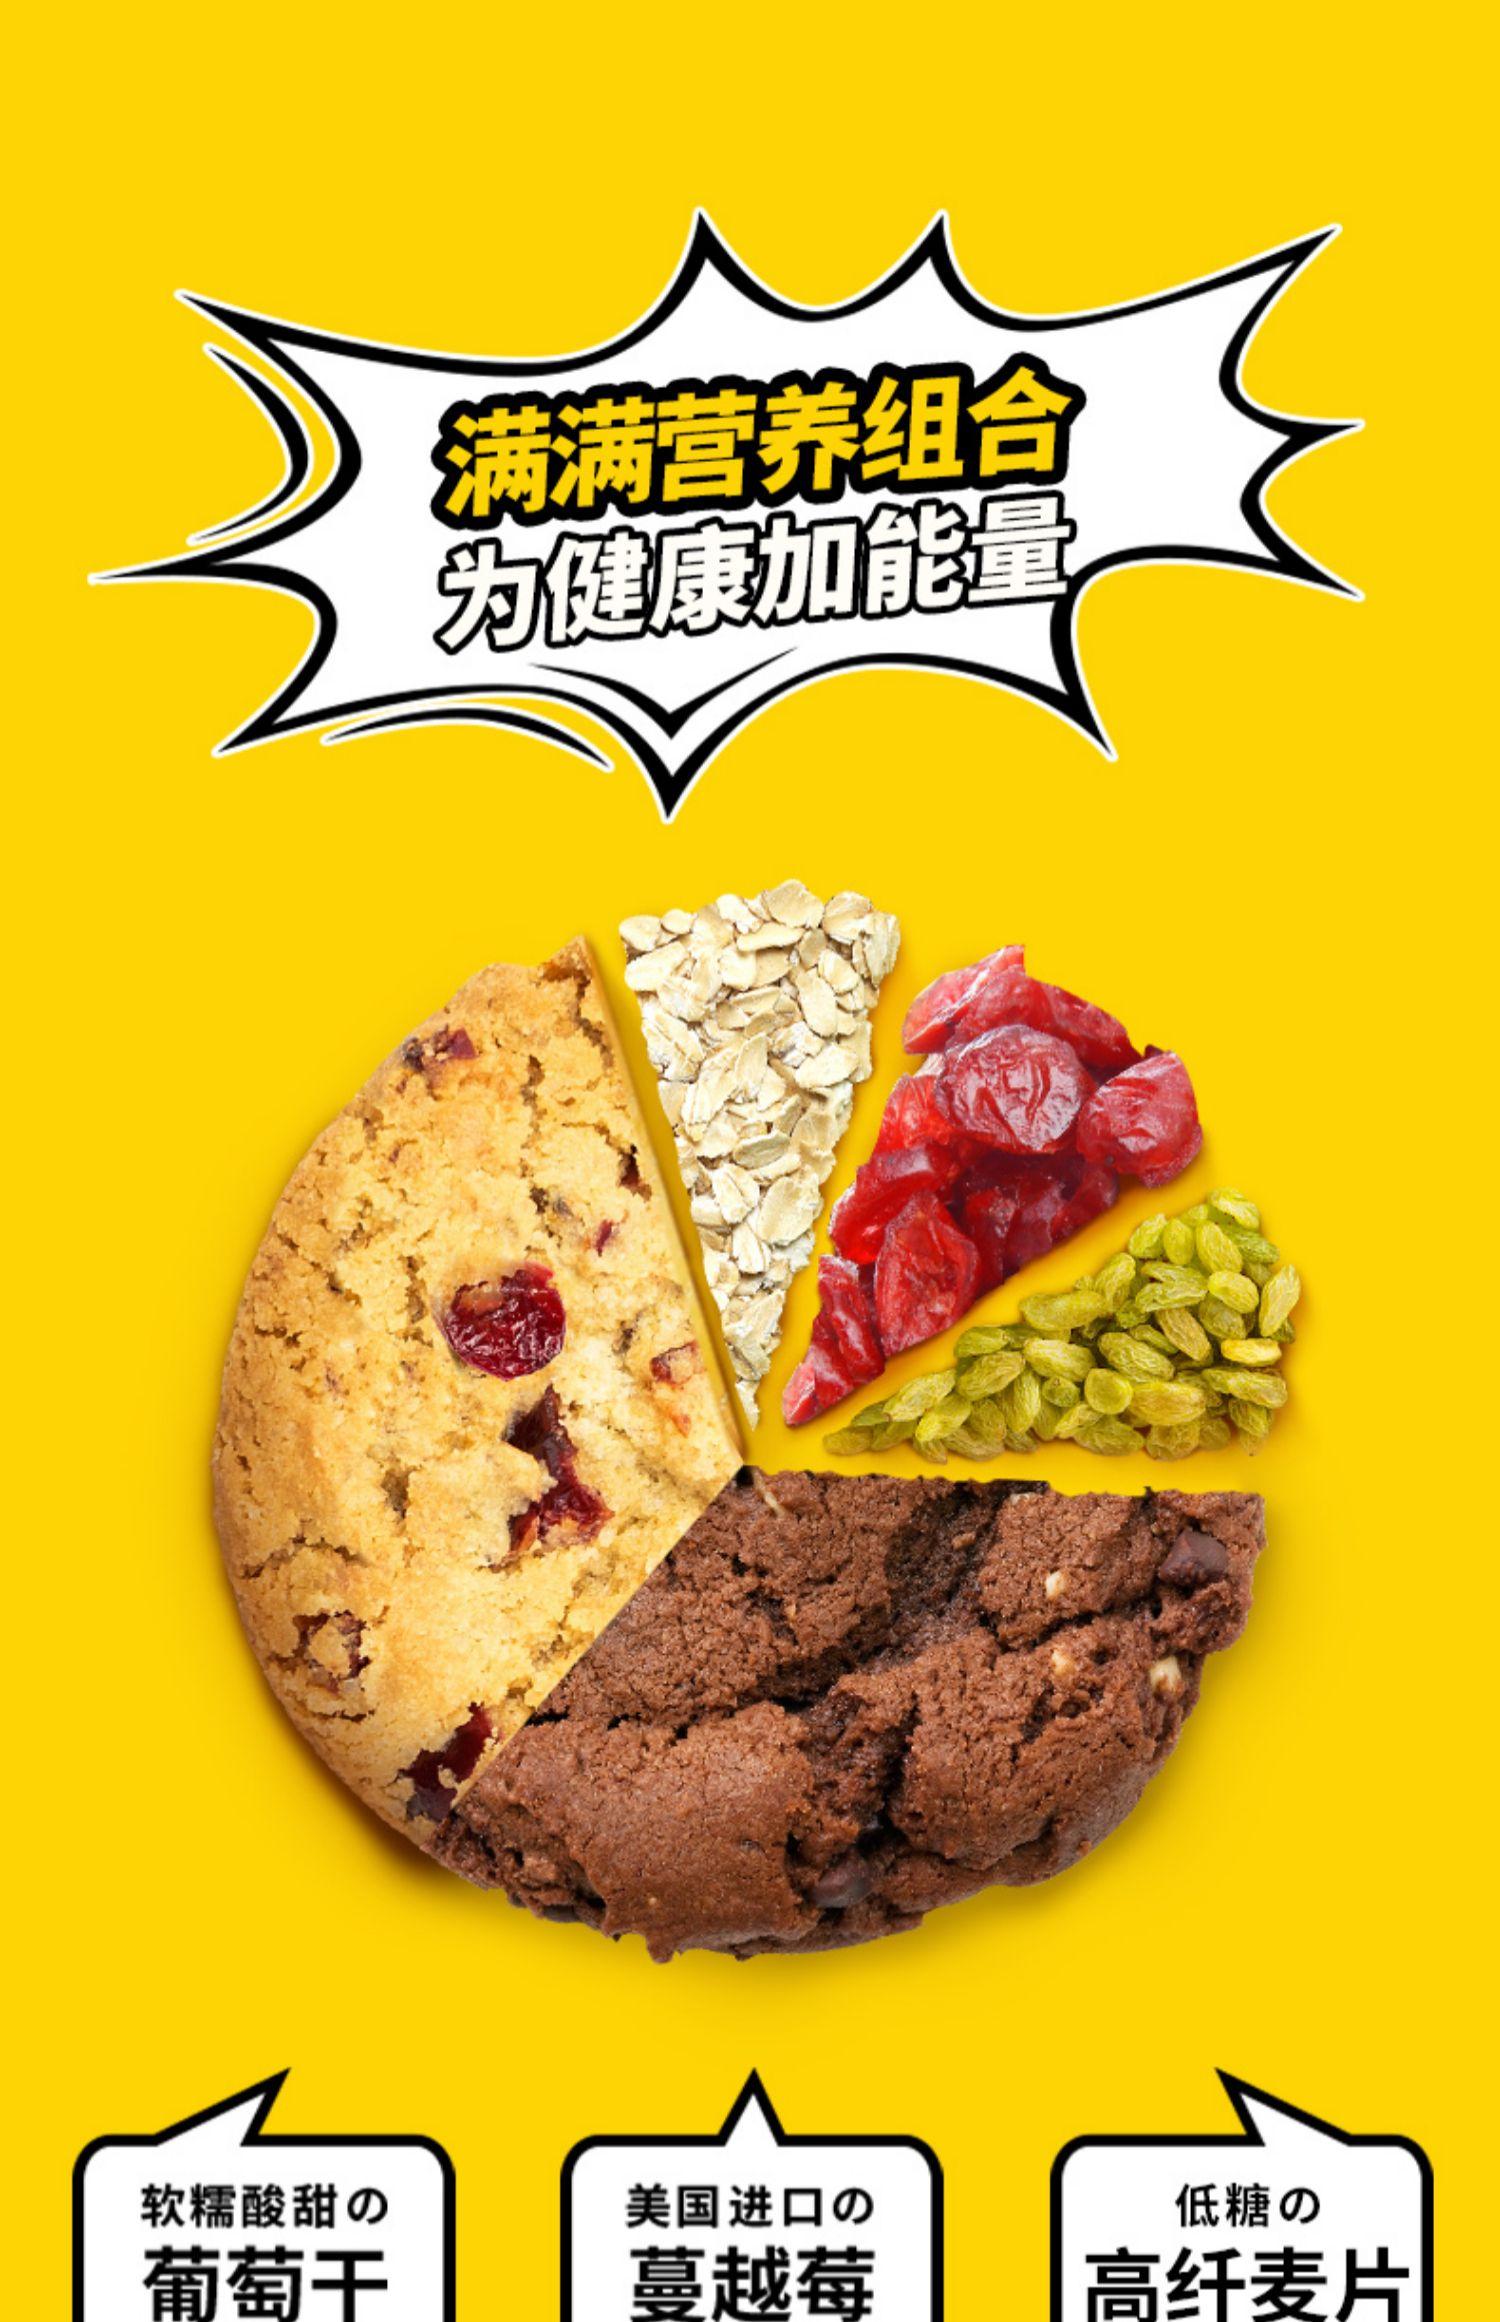 【莎布蕾】夹心武士曲奇饼干70g*5包8